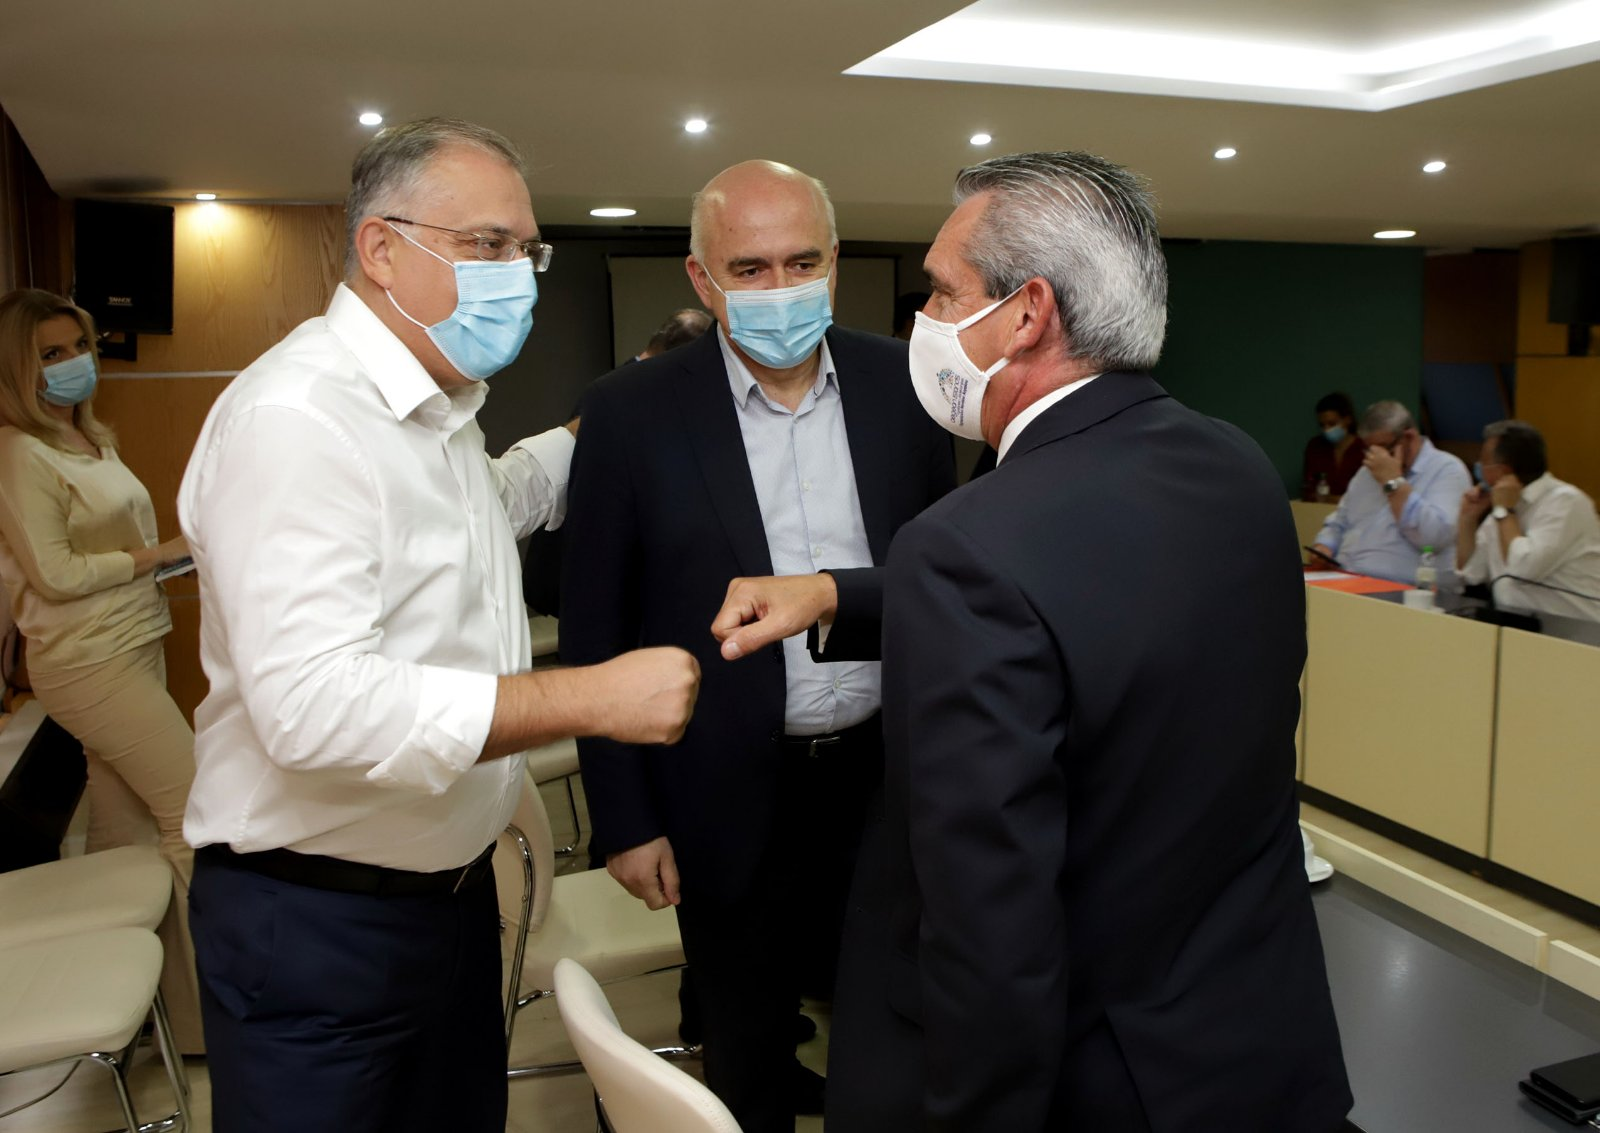 Σε σύσκεψη υπό τον Υπουργό Εσωτερικών ο Περιφερειάρχης Νοτίου Αιγαίου